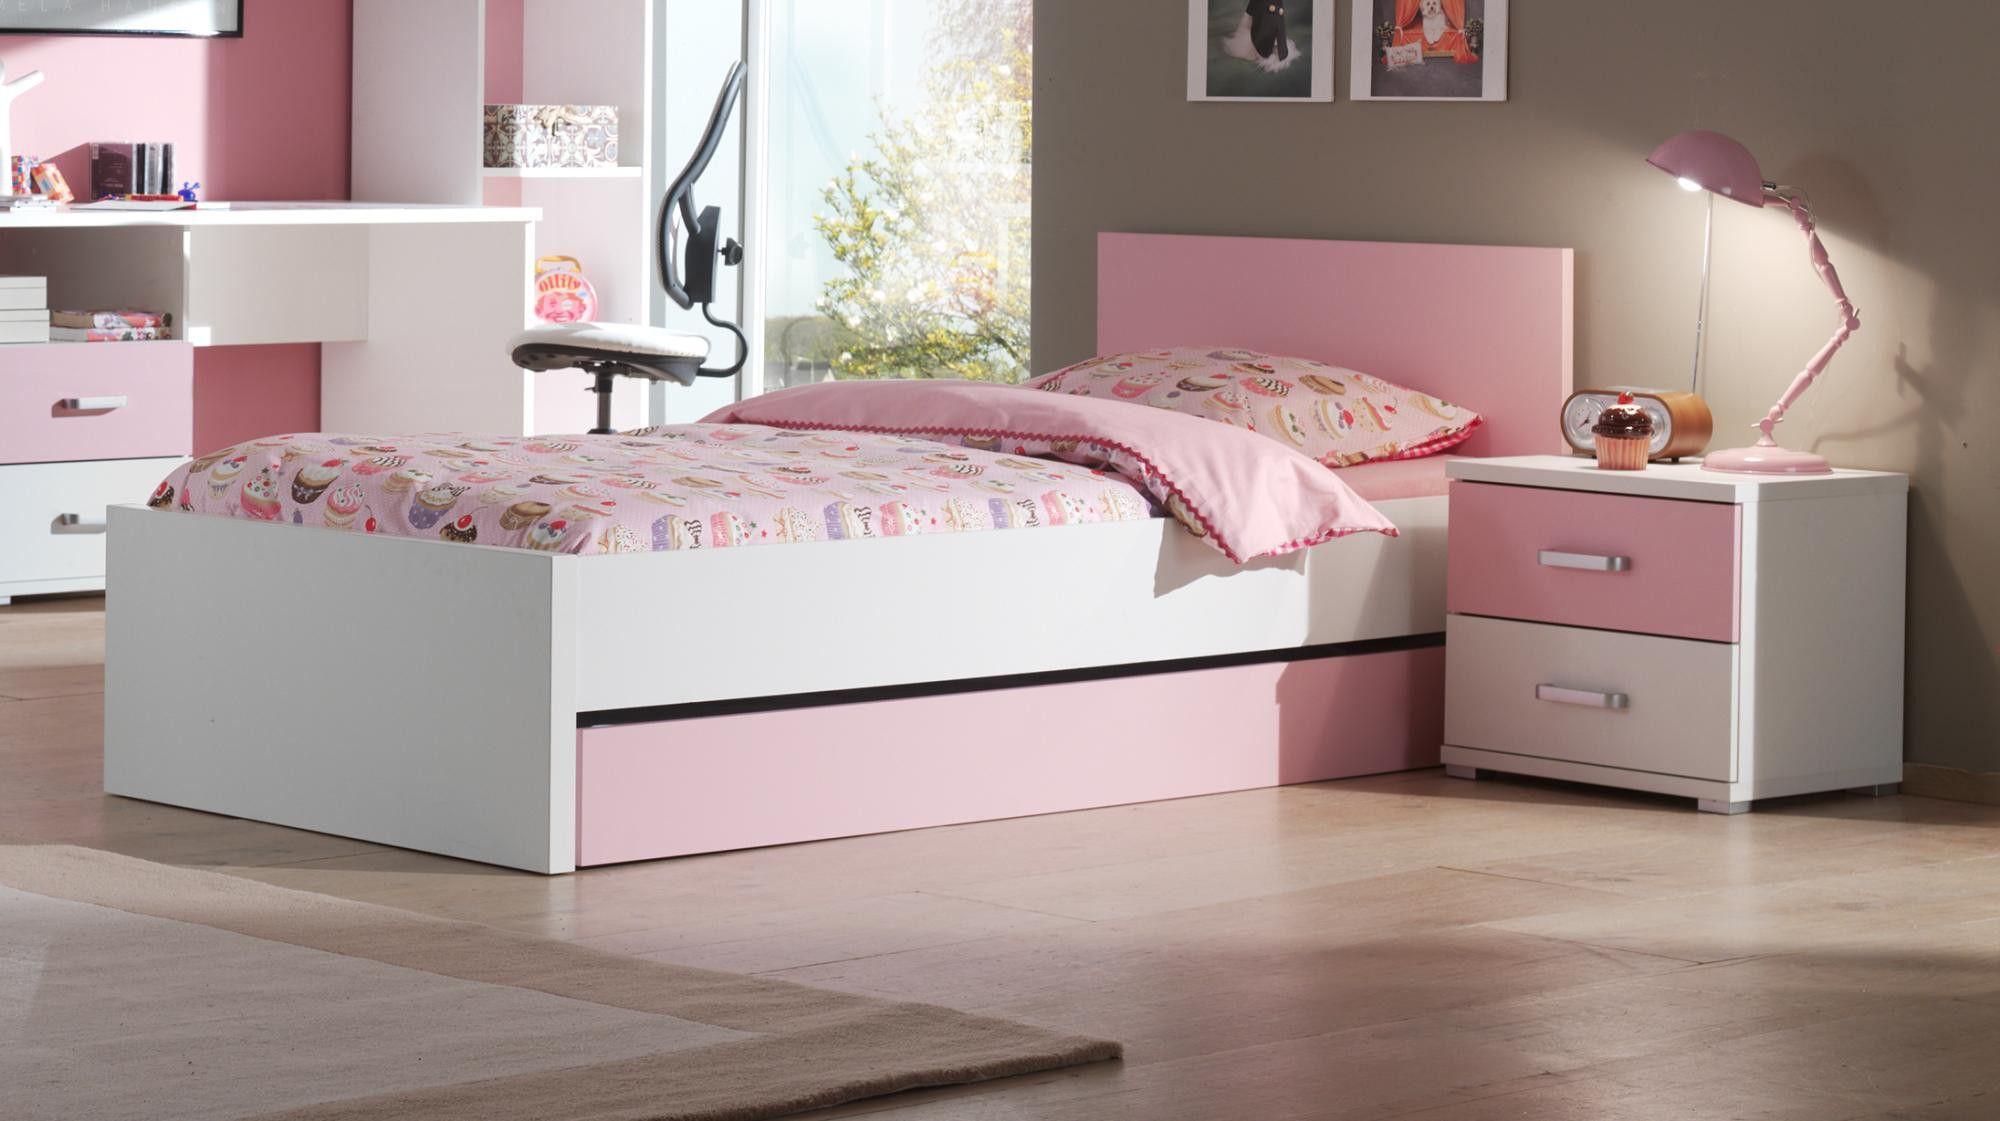 le lit enfant contemporain eglantine apportera une touche moderne et raffine dans la chambre de votre petite fille - Lit Enfant Fille